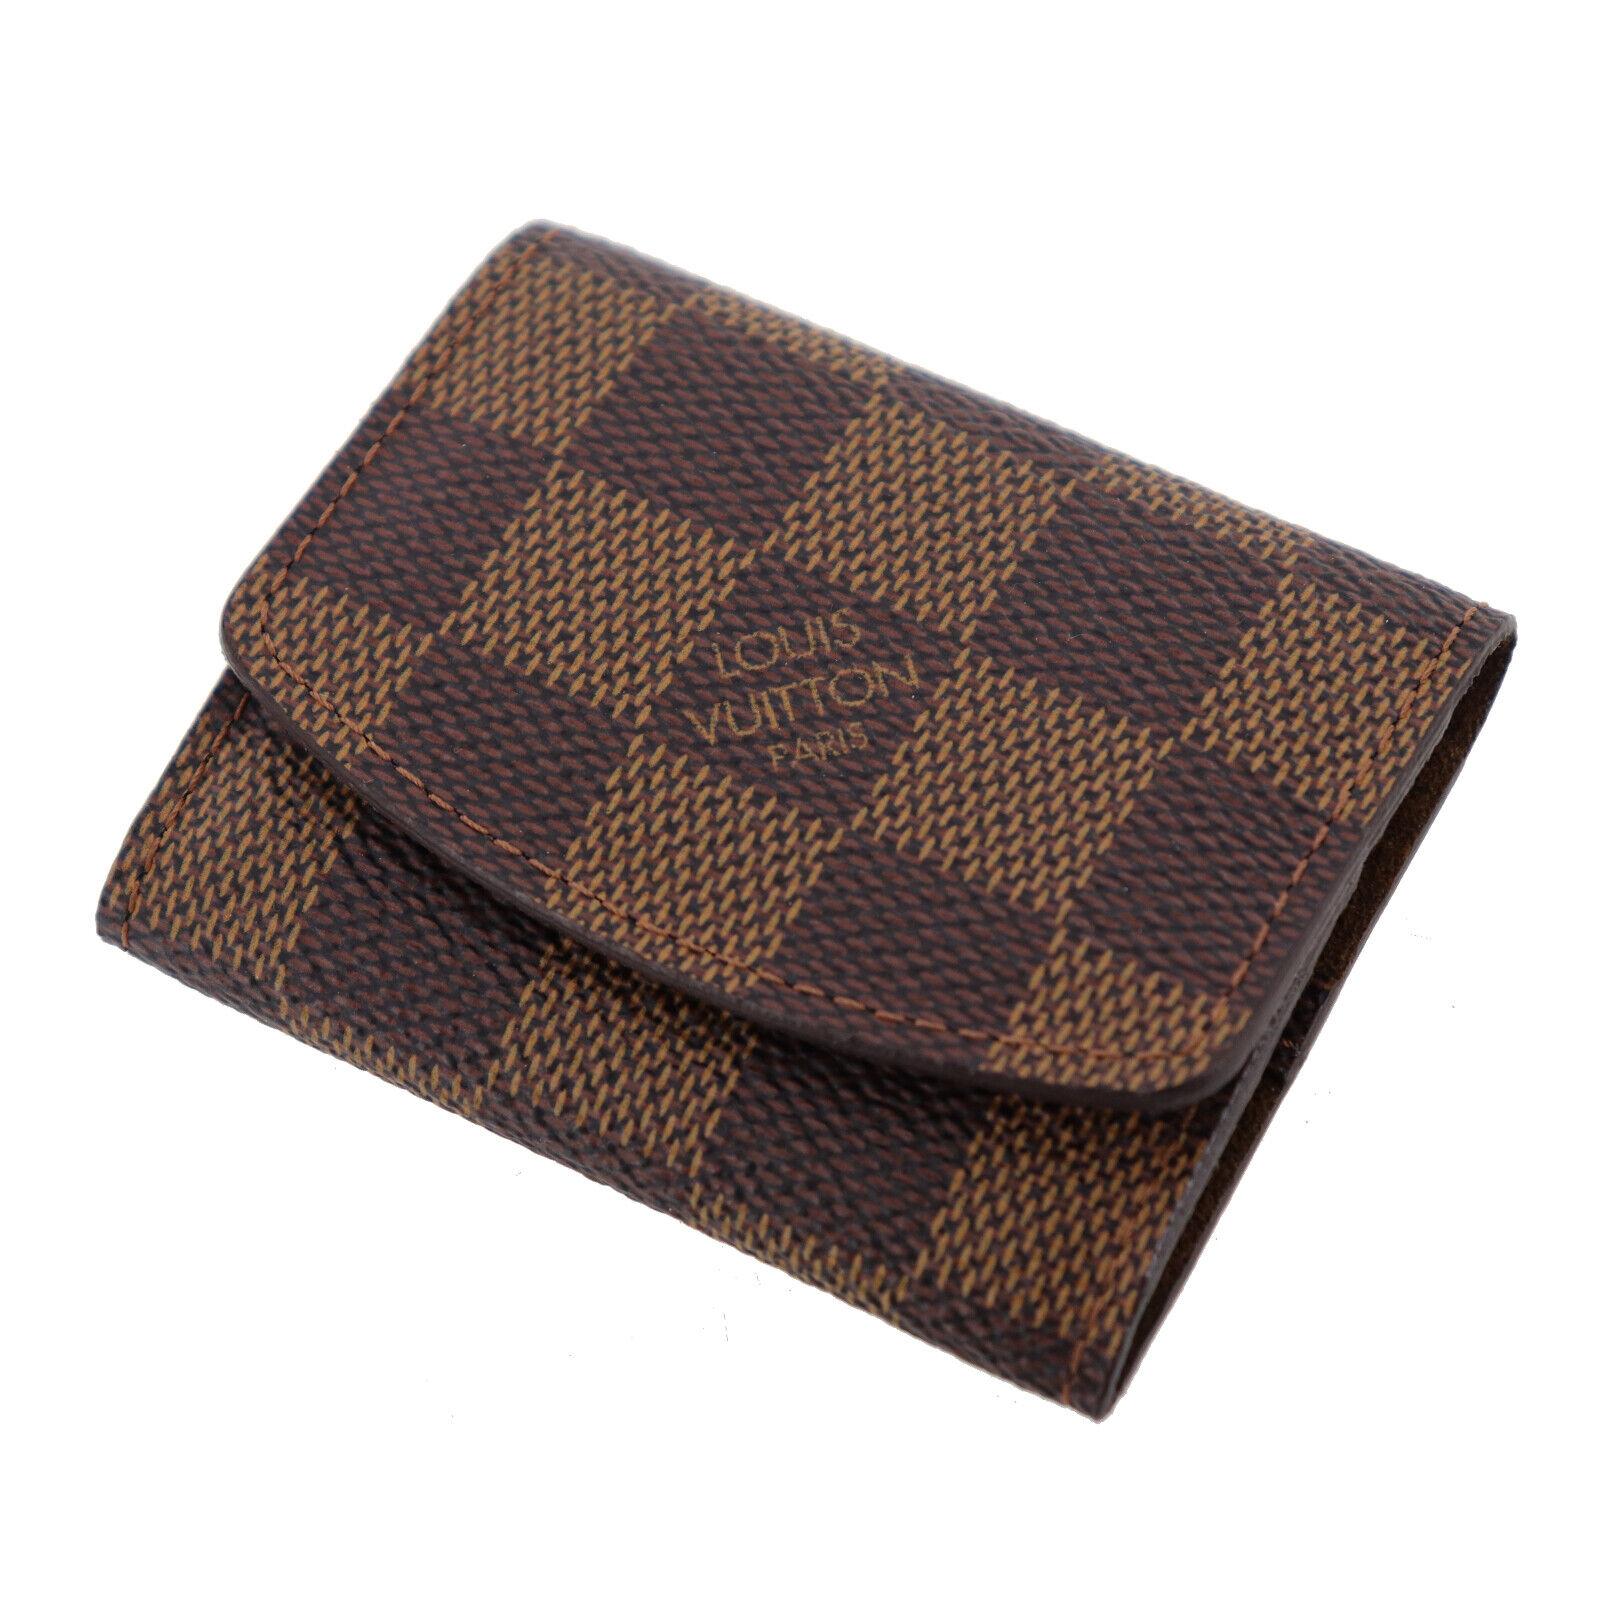 Louis Vuitton Manschettenknöpfe Manschetten Case Damier Leinen M64681